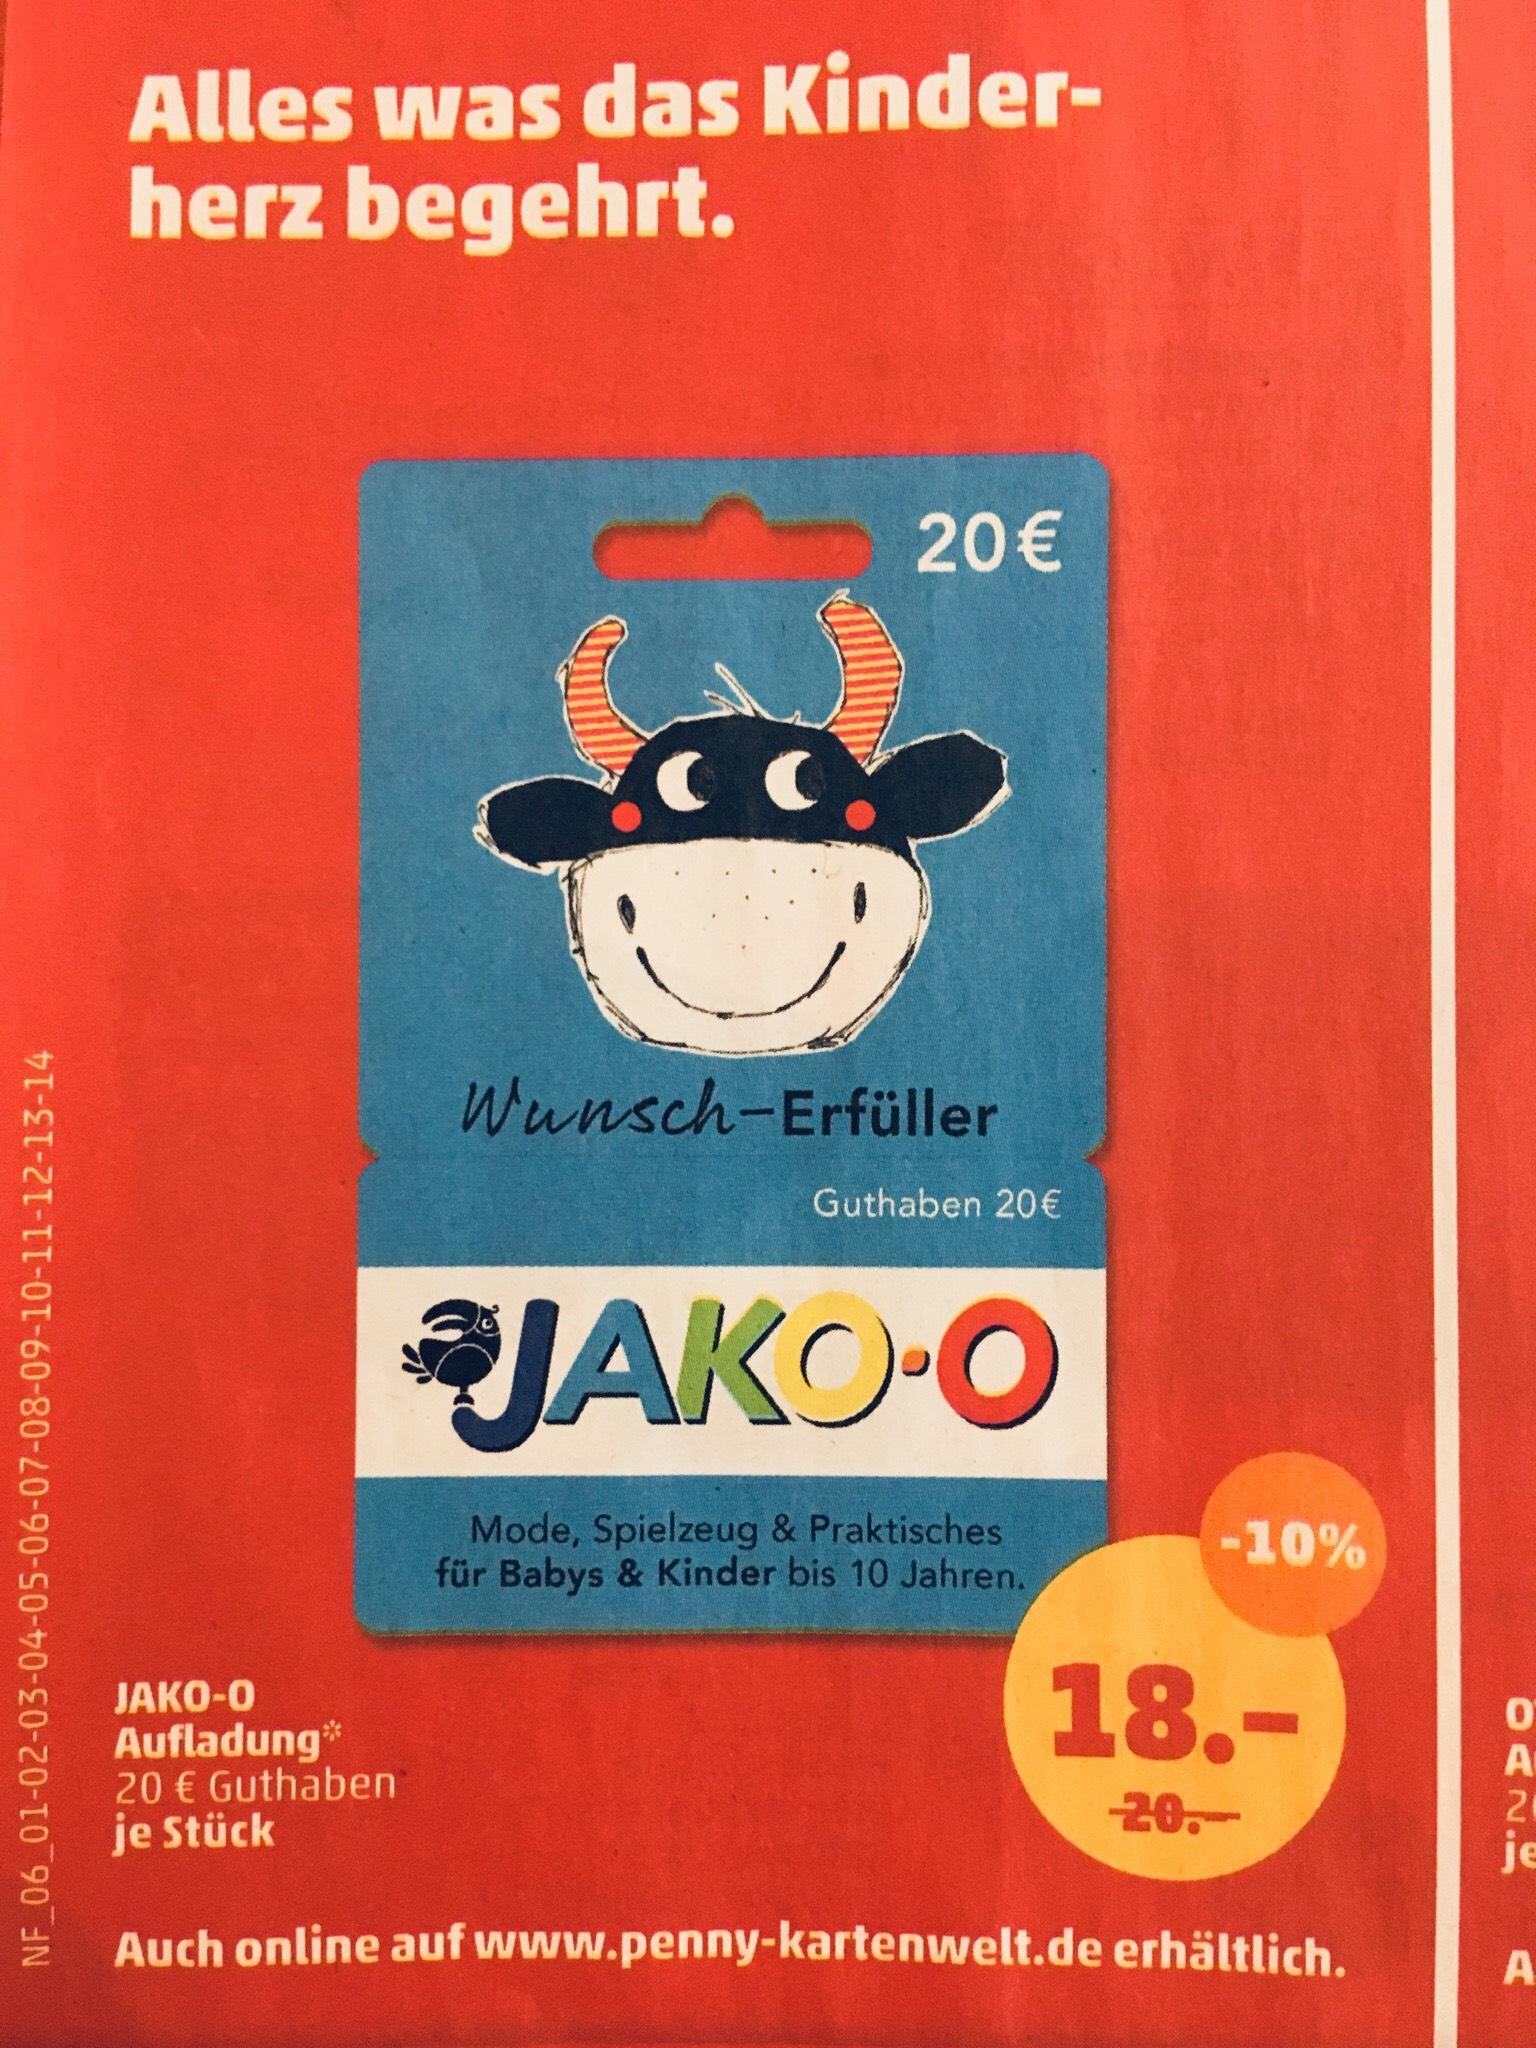 JAKO-O 20,- Geschenkkarte für 18,- € (Penny ab Montag, 01.07.)